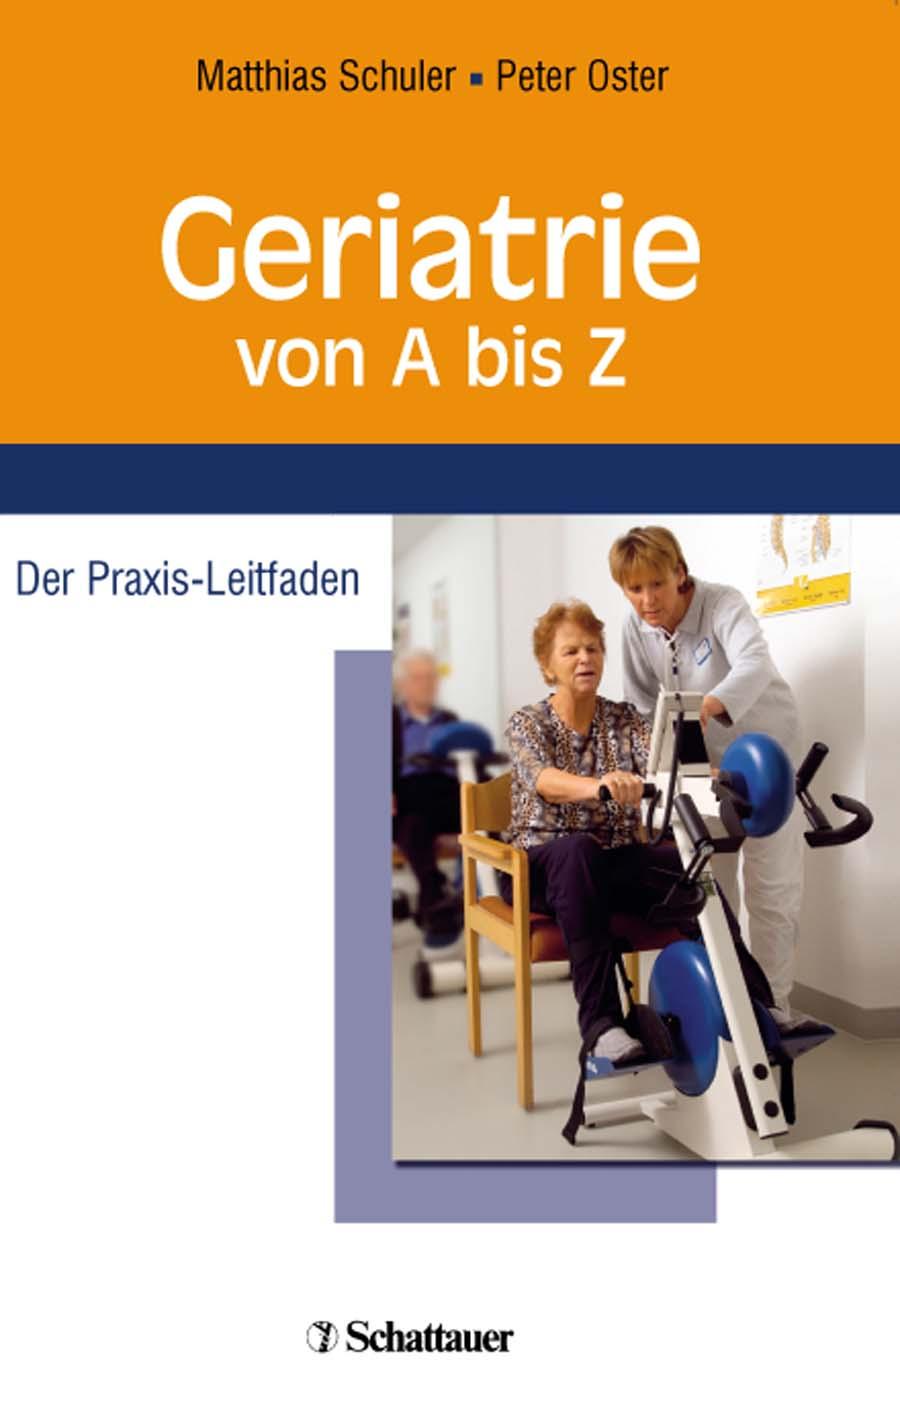 Geriatrie von A bis Z: Der Praxis-Leitfaden - M...